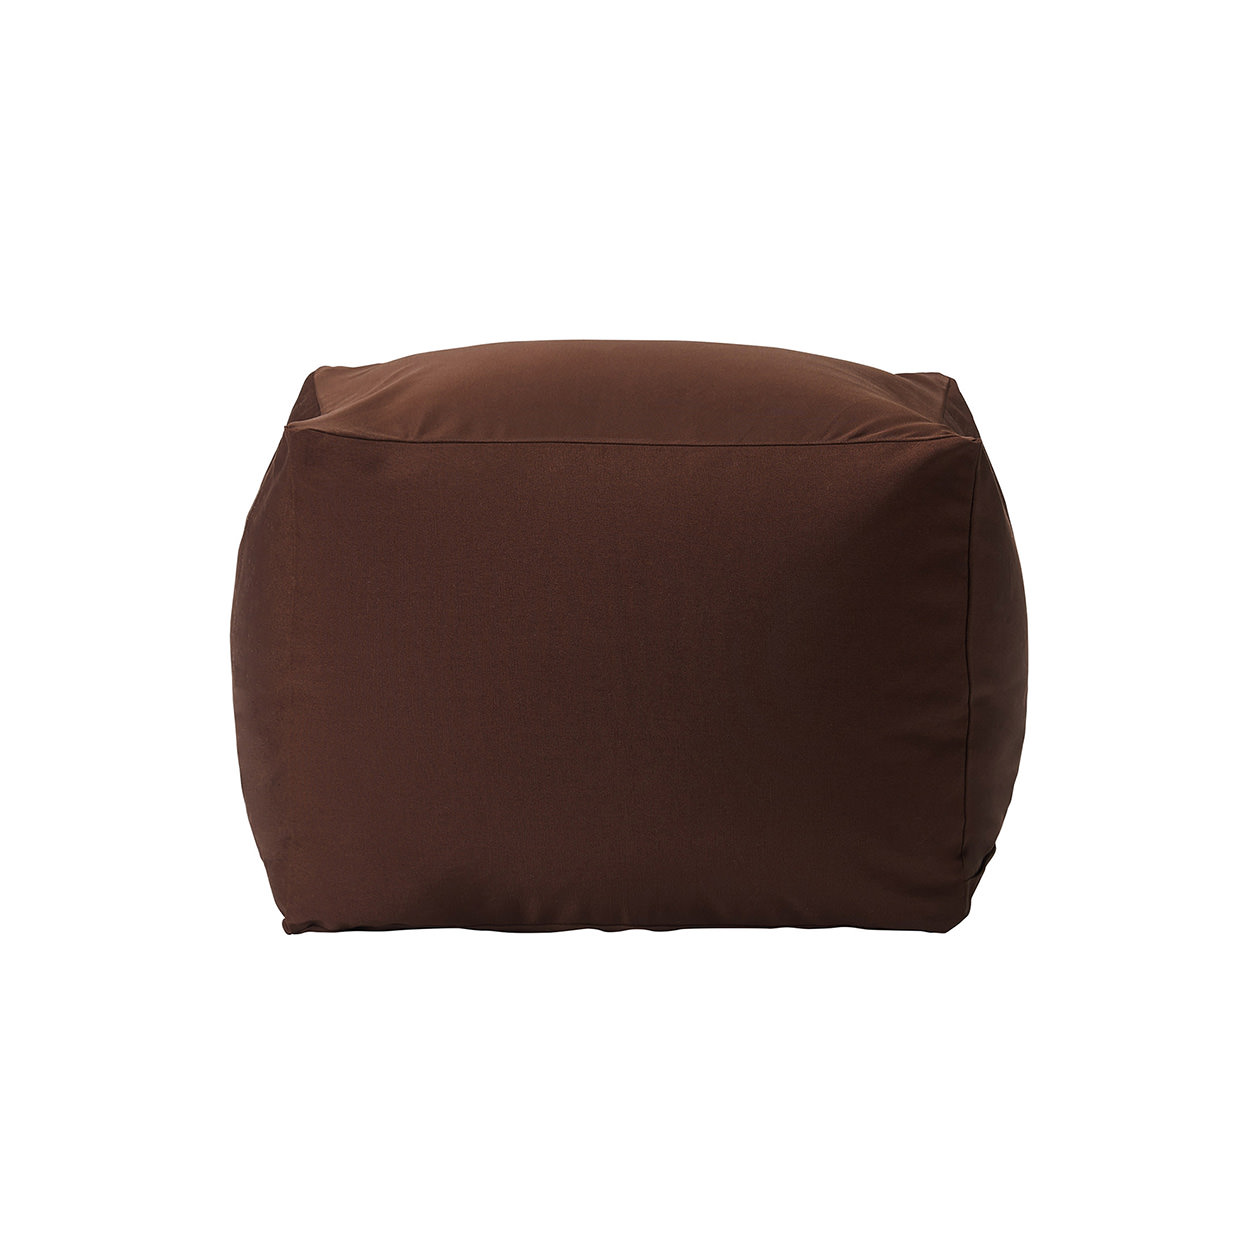 体にフィットするソファ・セット・45×45/ダークブラウン